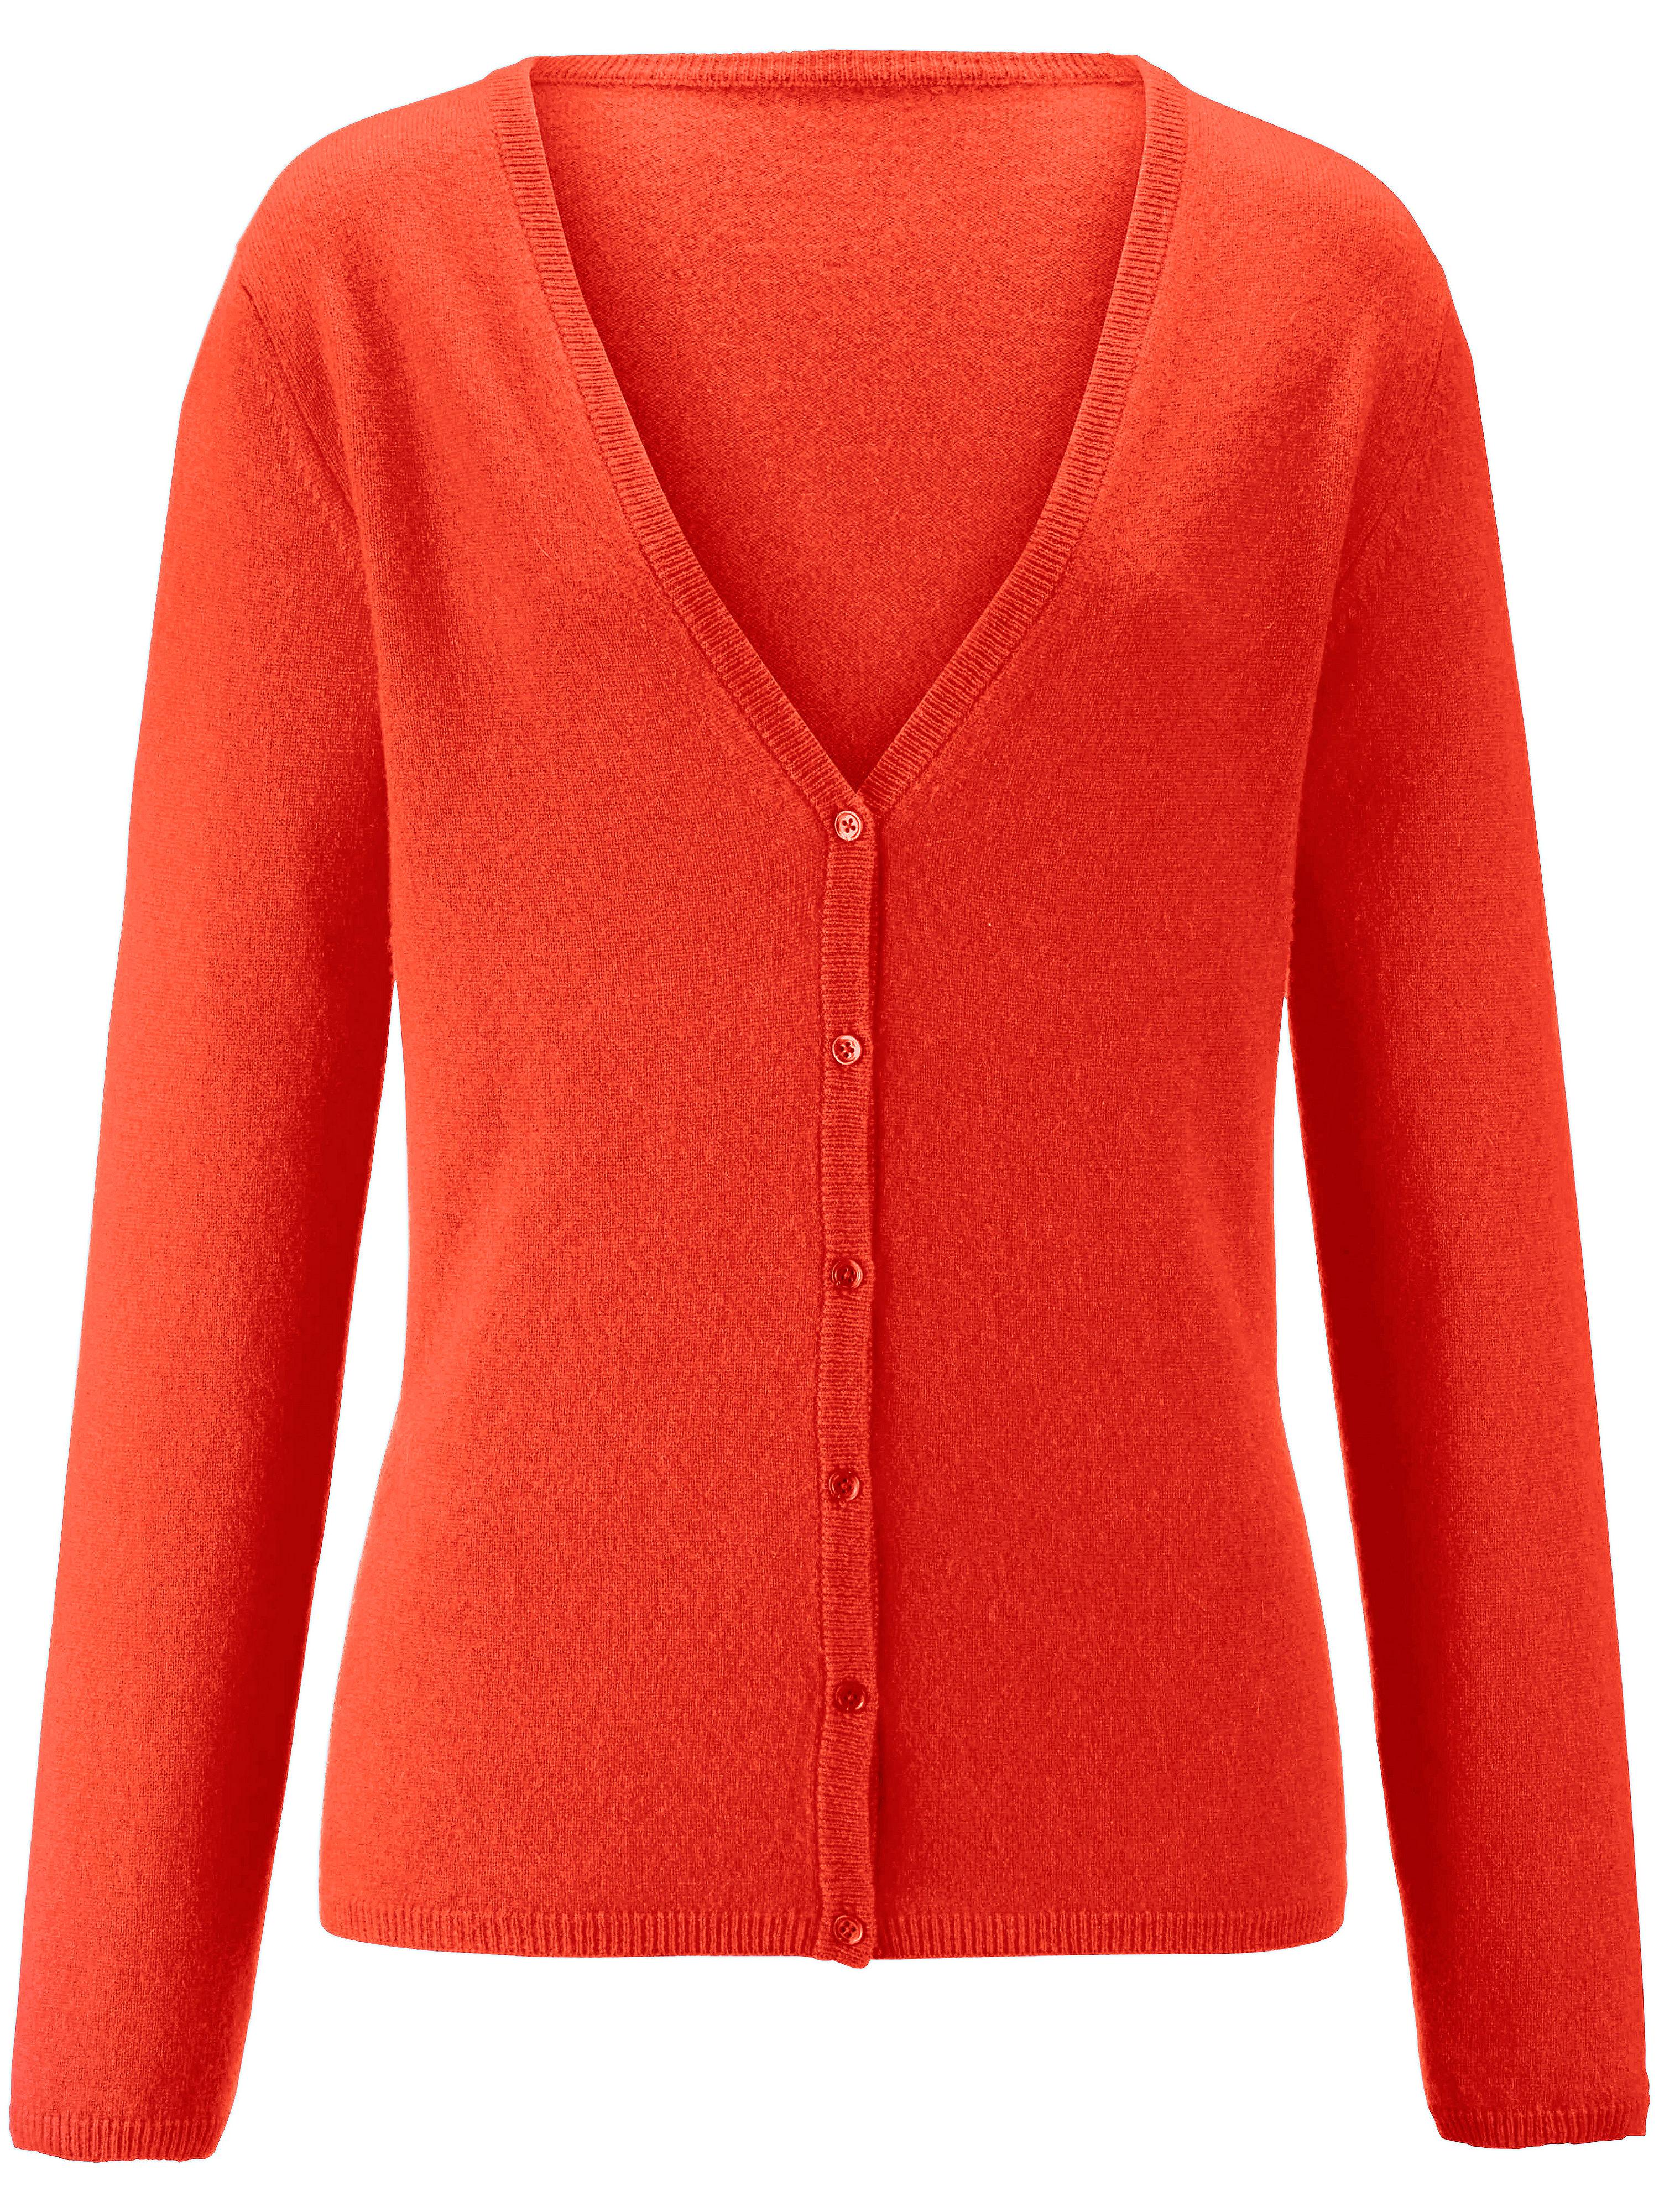 Image of   Cardigan 100% kashmir Fra Peter Hahn Cashmere orange